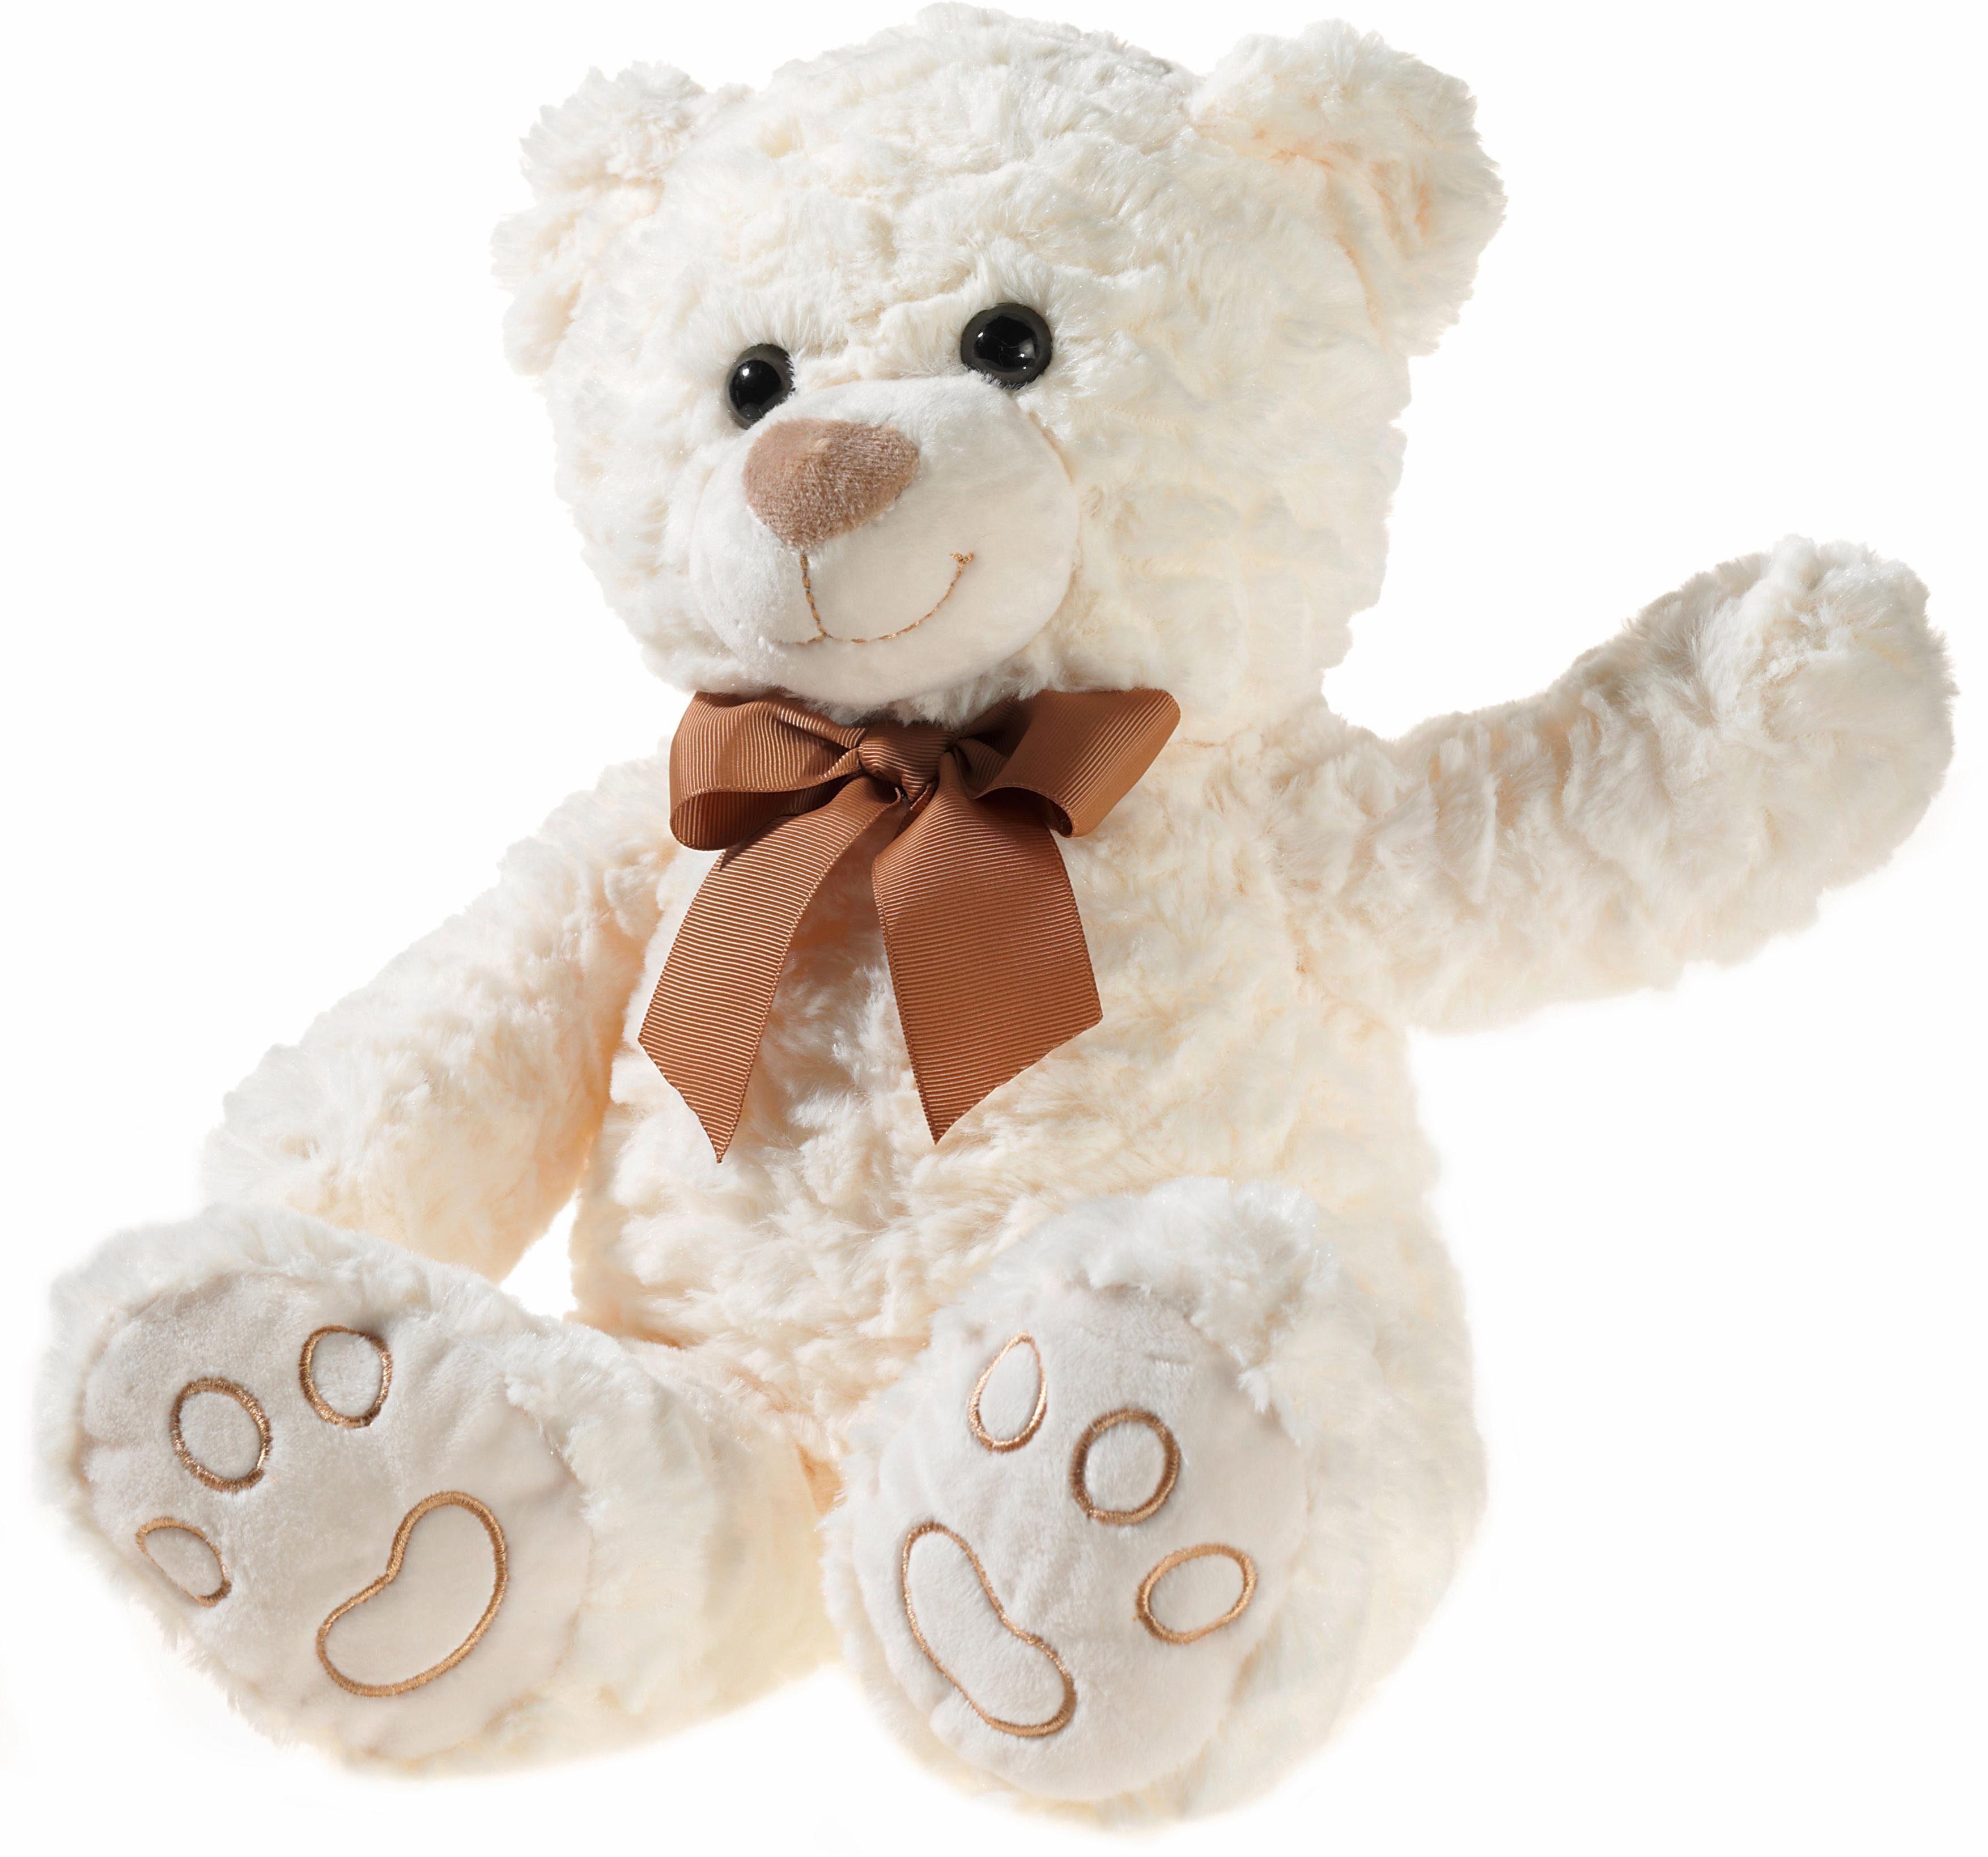 20 cm. Teddy Hermann Stofftier Kuscheltier Bär beige ca Stofftiere